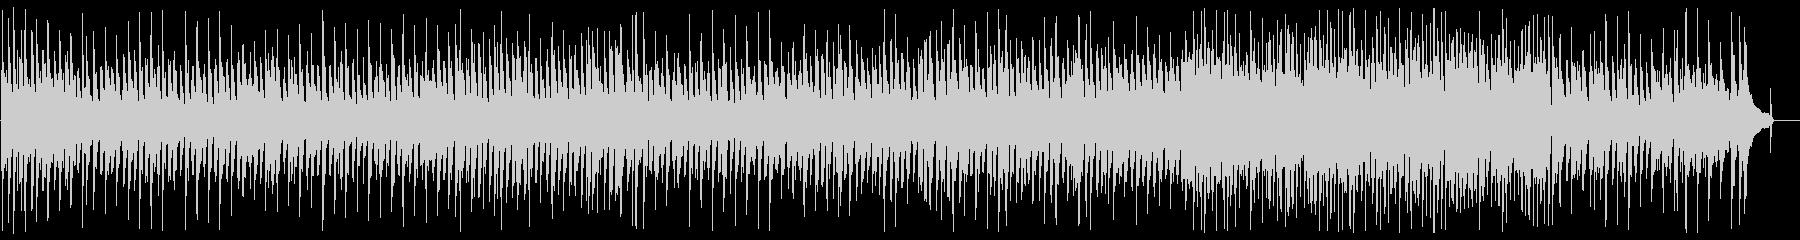 なめらかで軽快なピアノメロディーの未再生の波形